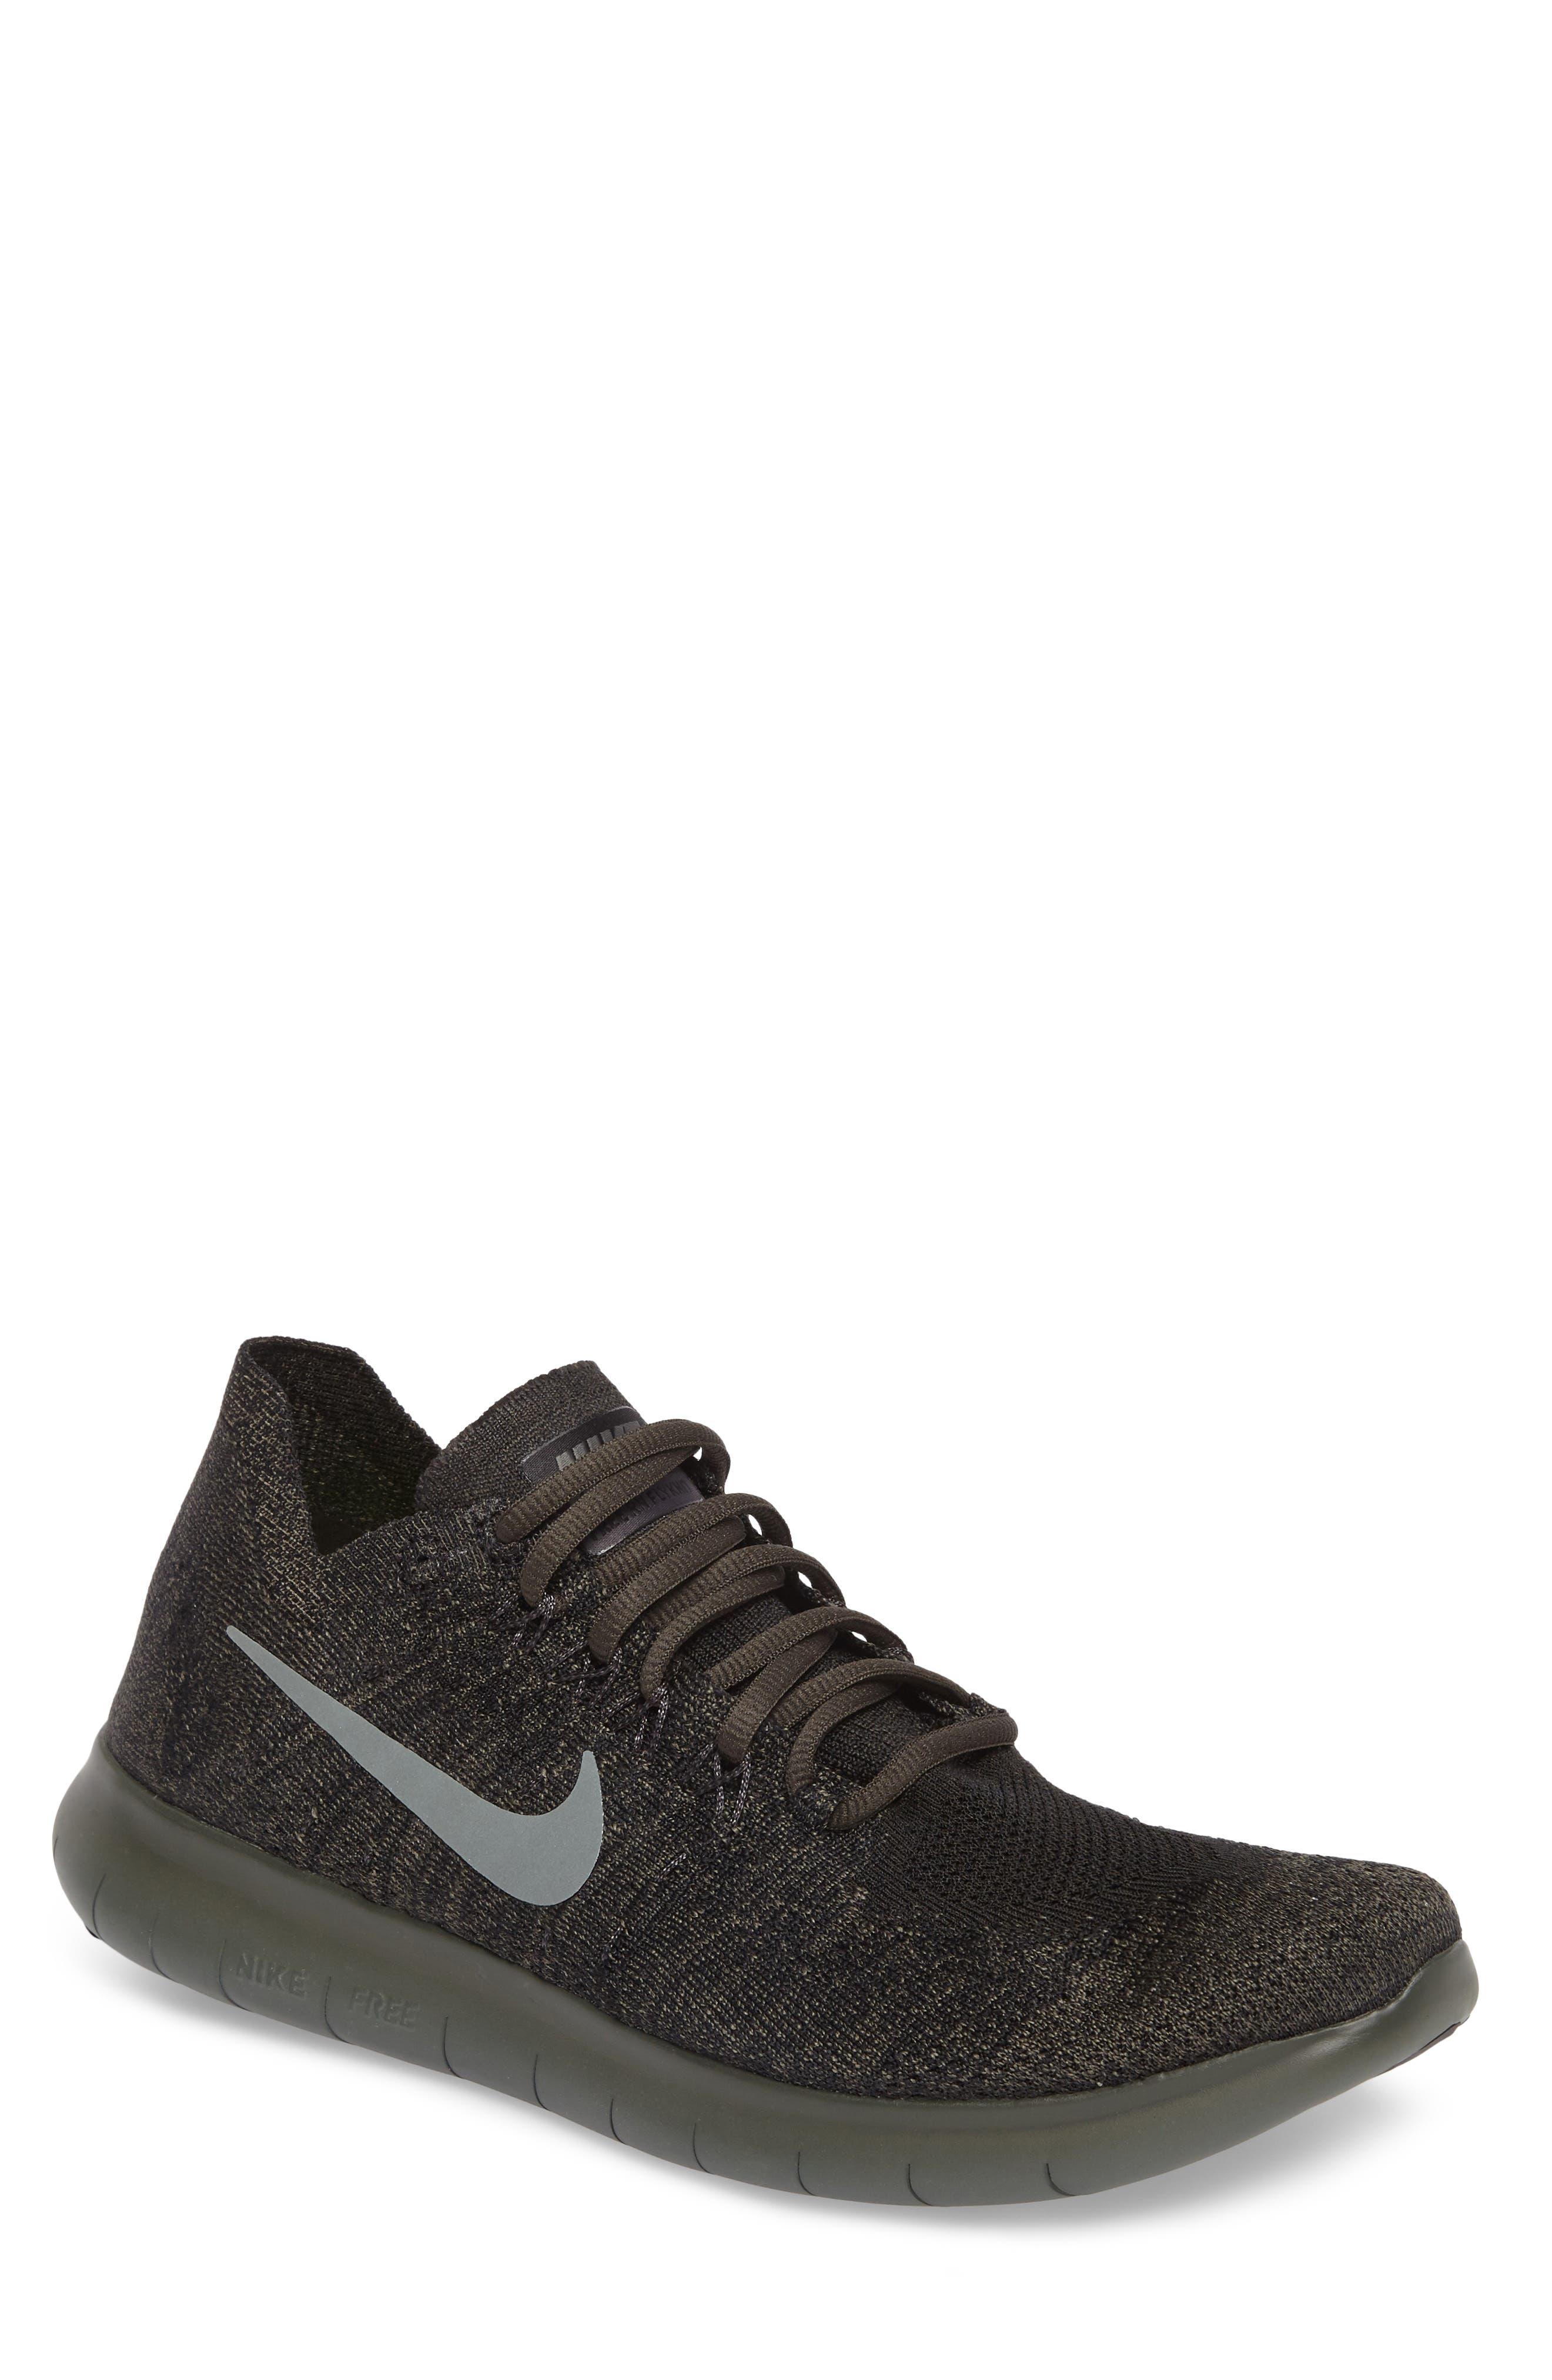 Alternate Image 1 Selected - Nike Free Run Flyknit 2017 Running Shoe (Men)